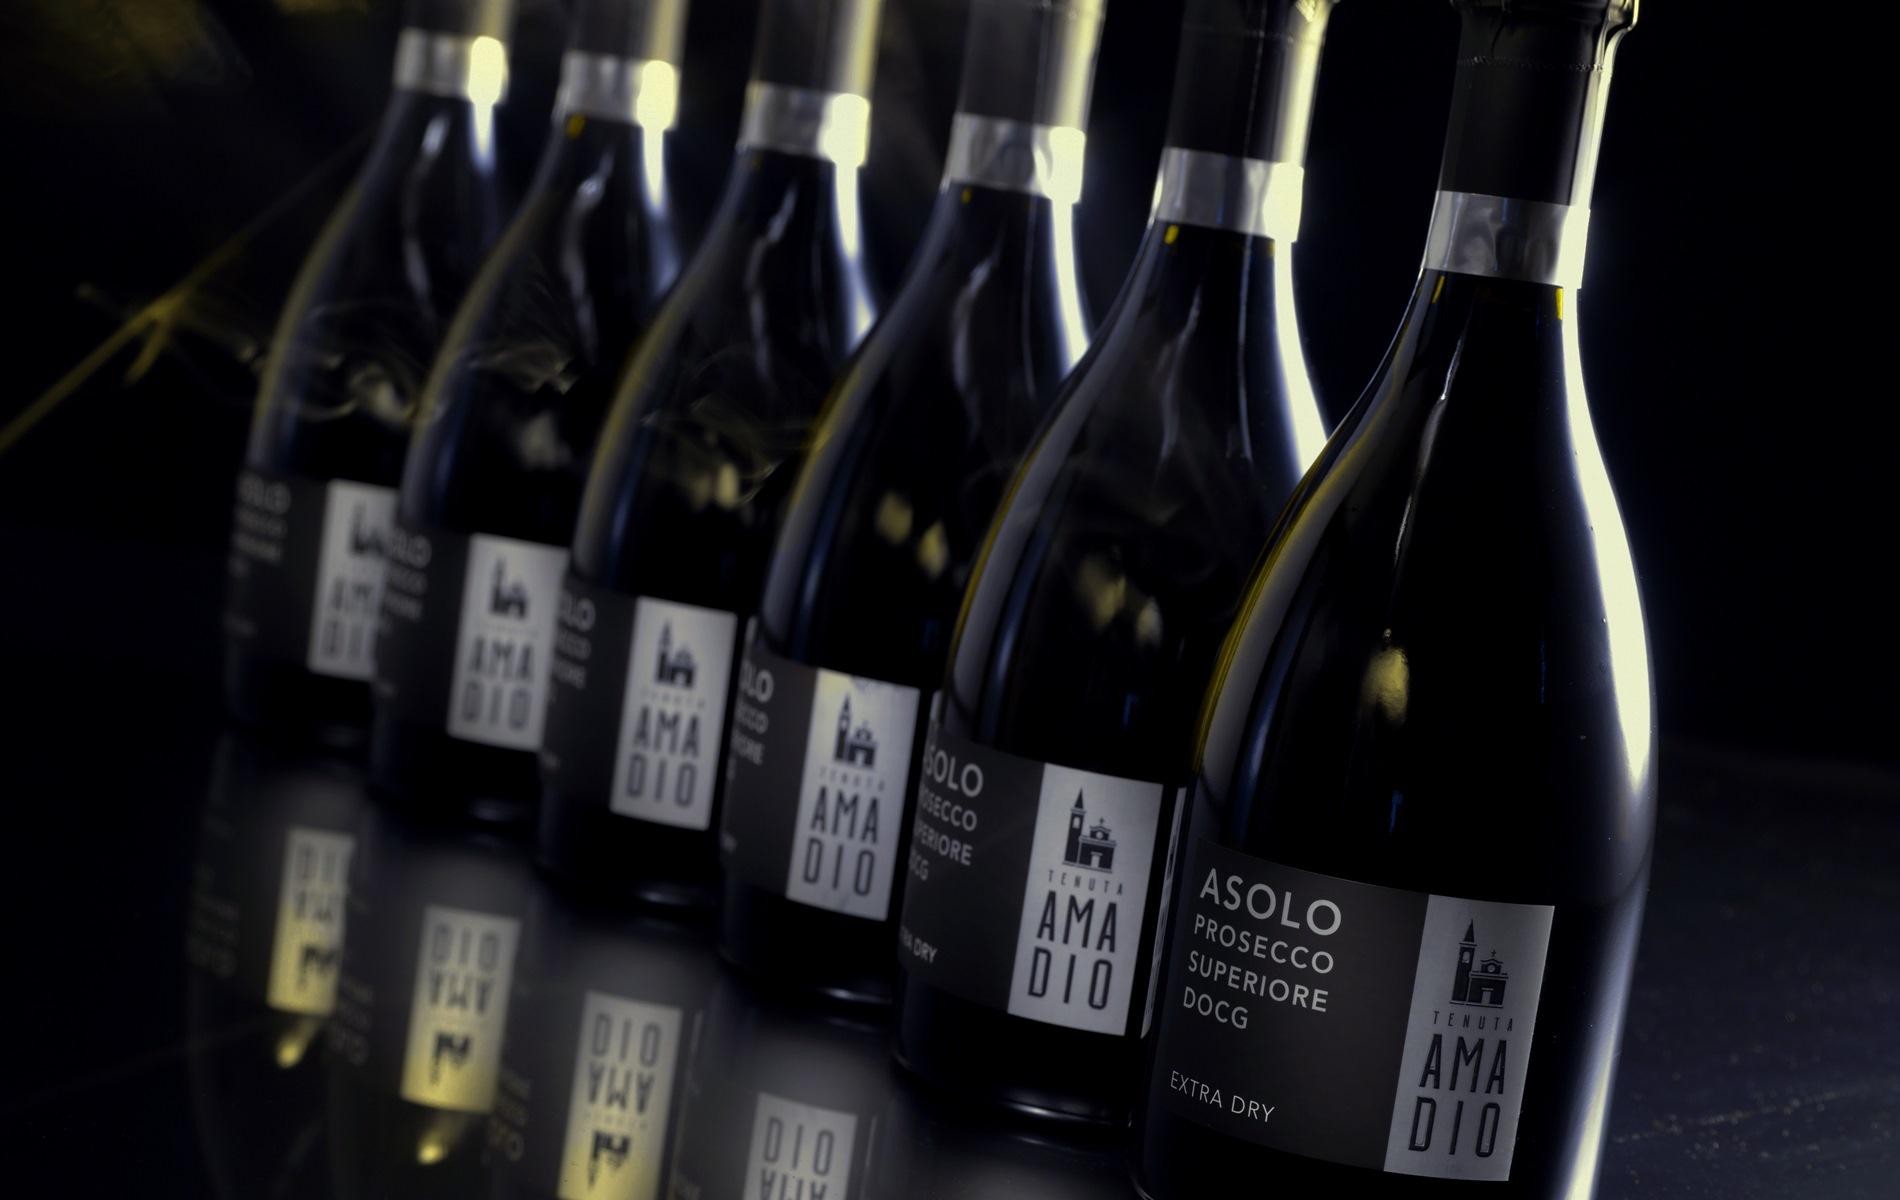 Asolo Prosecco Superiore D.O.C.G. Extra Dry